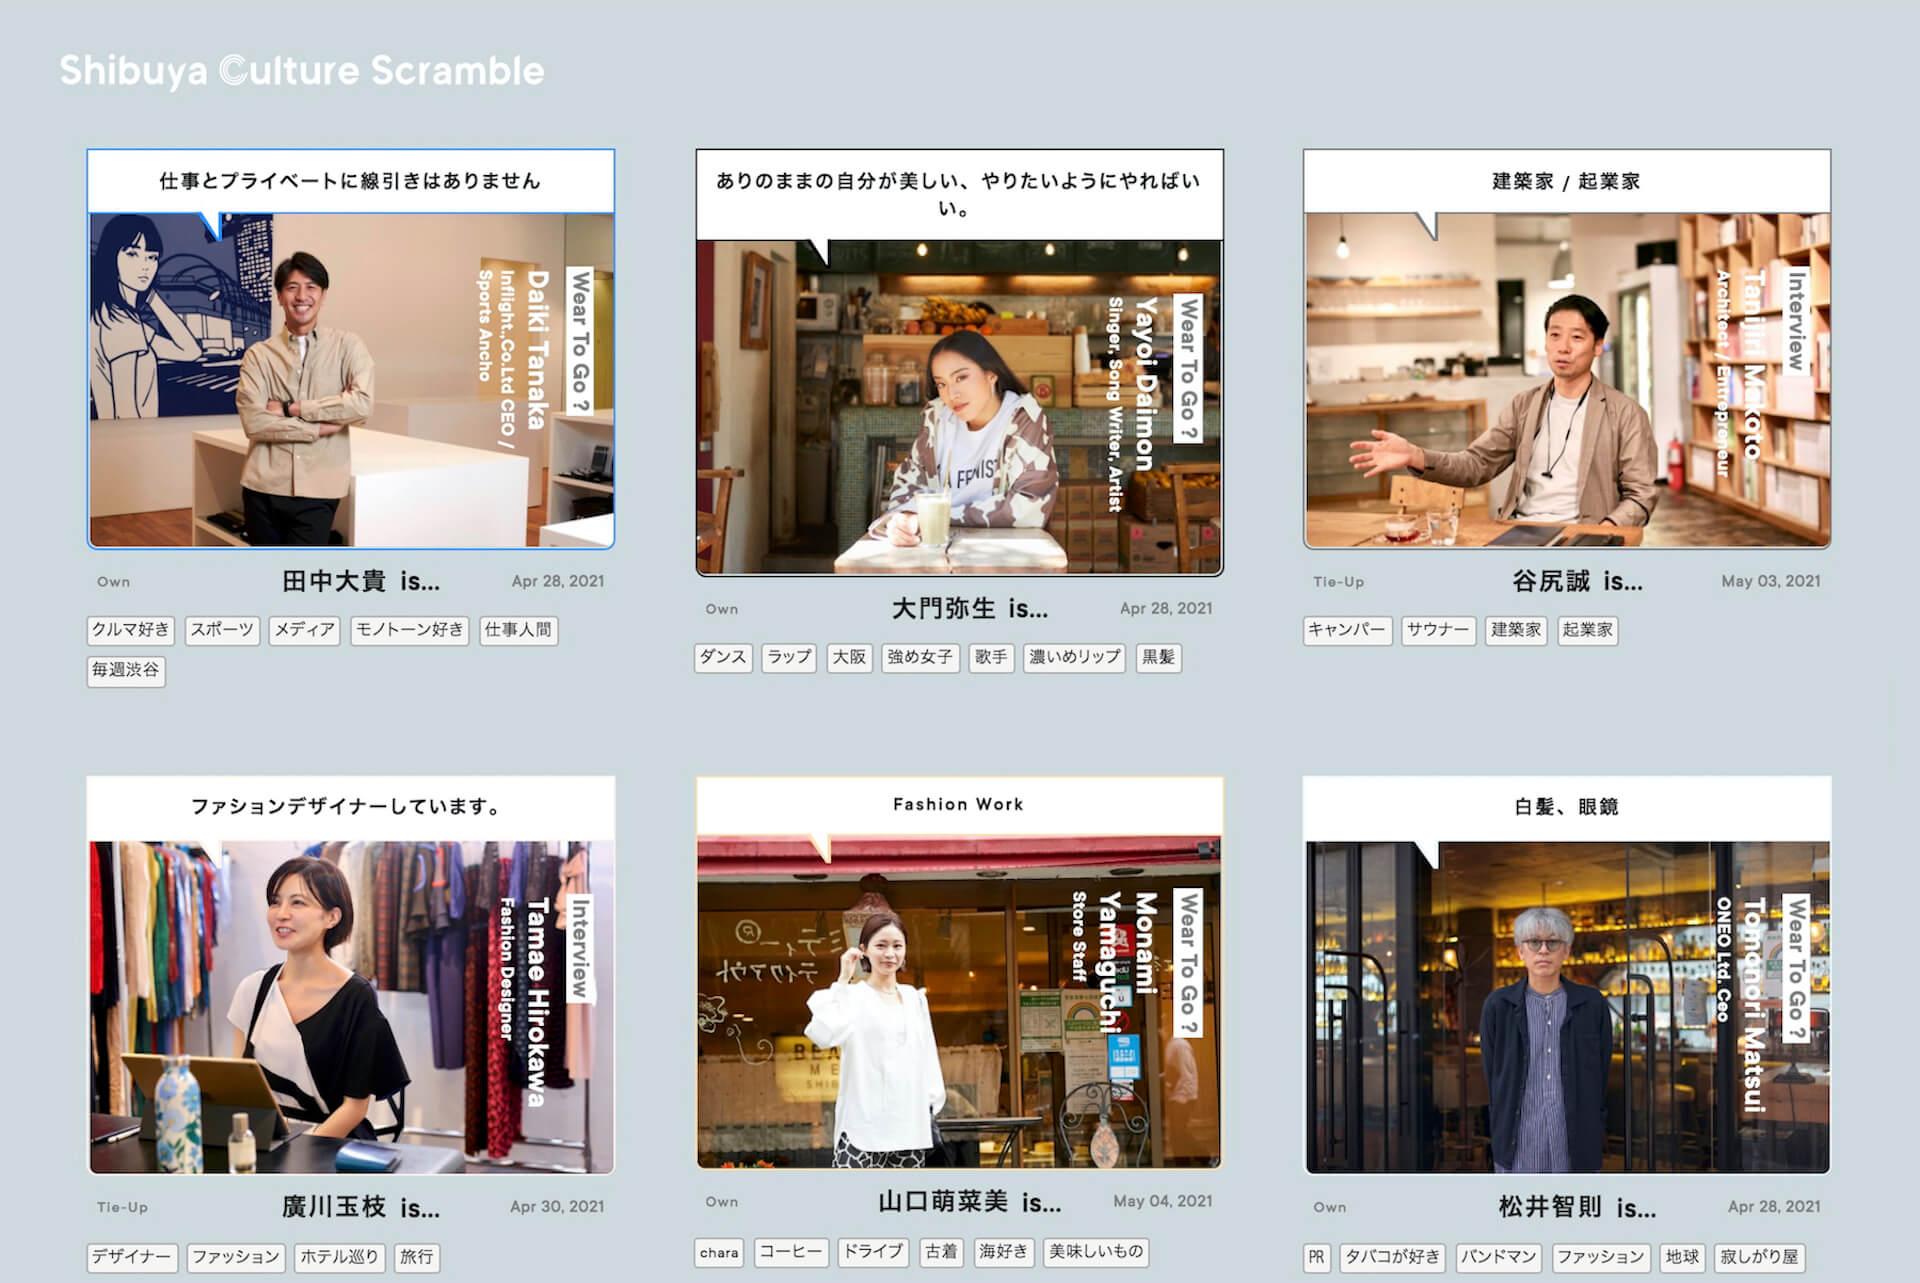 渋谷カルチャーは《人》がつくる!ウェブメディアプロジェクトShibuya Culture Scramble始動 culture210622_shibuyaculturescramble2